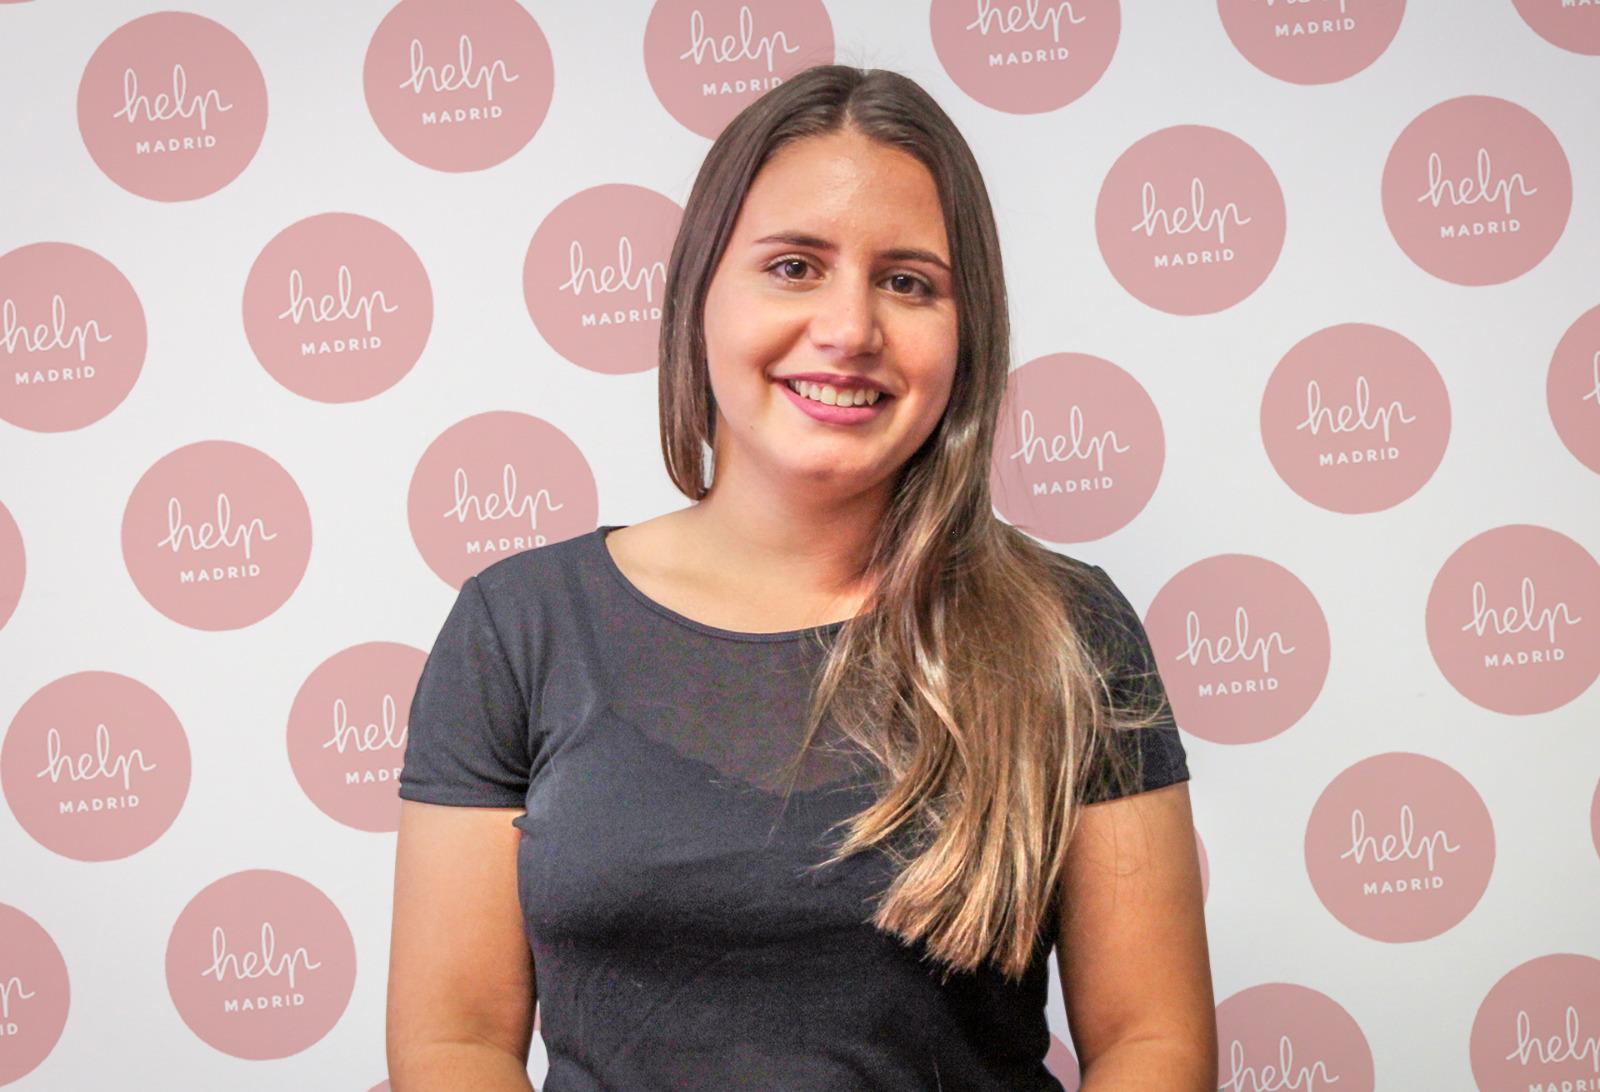 Juana Expert